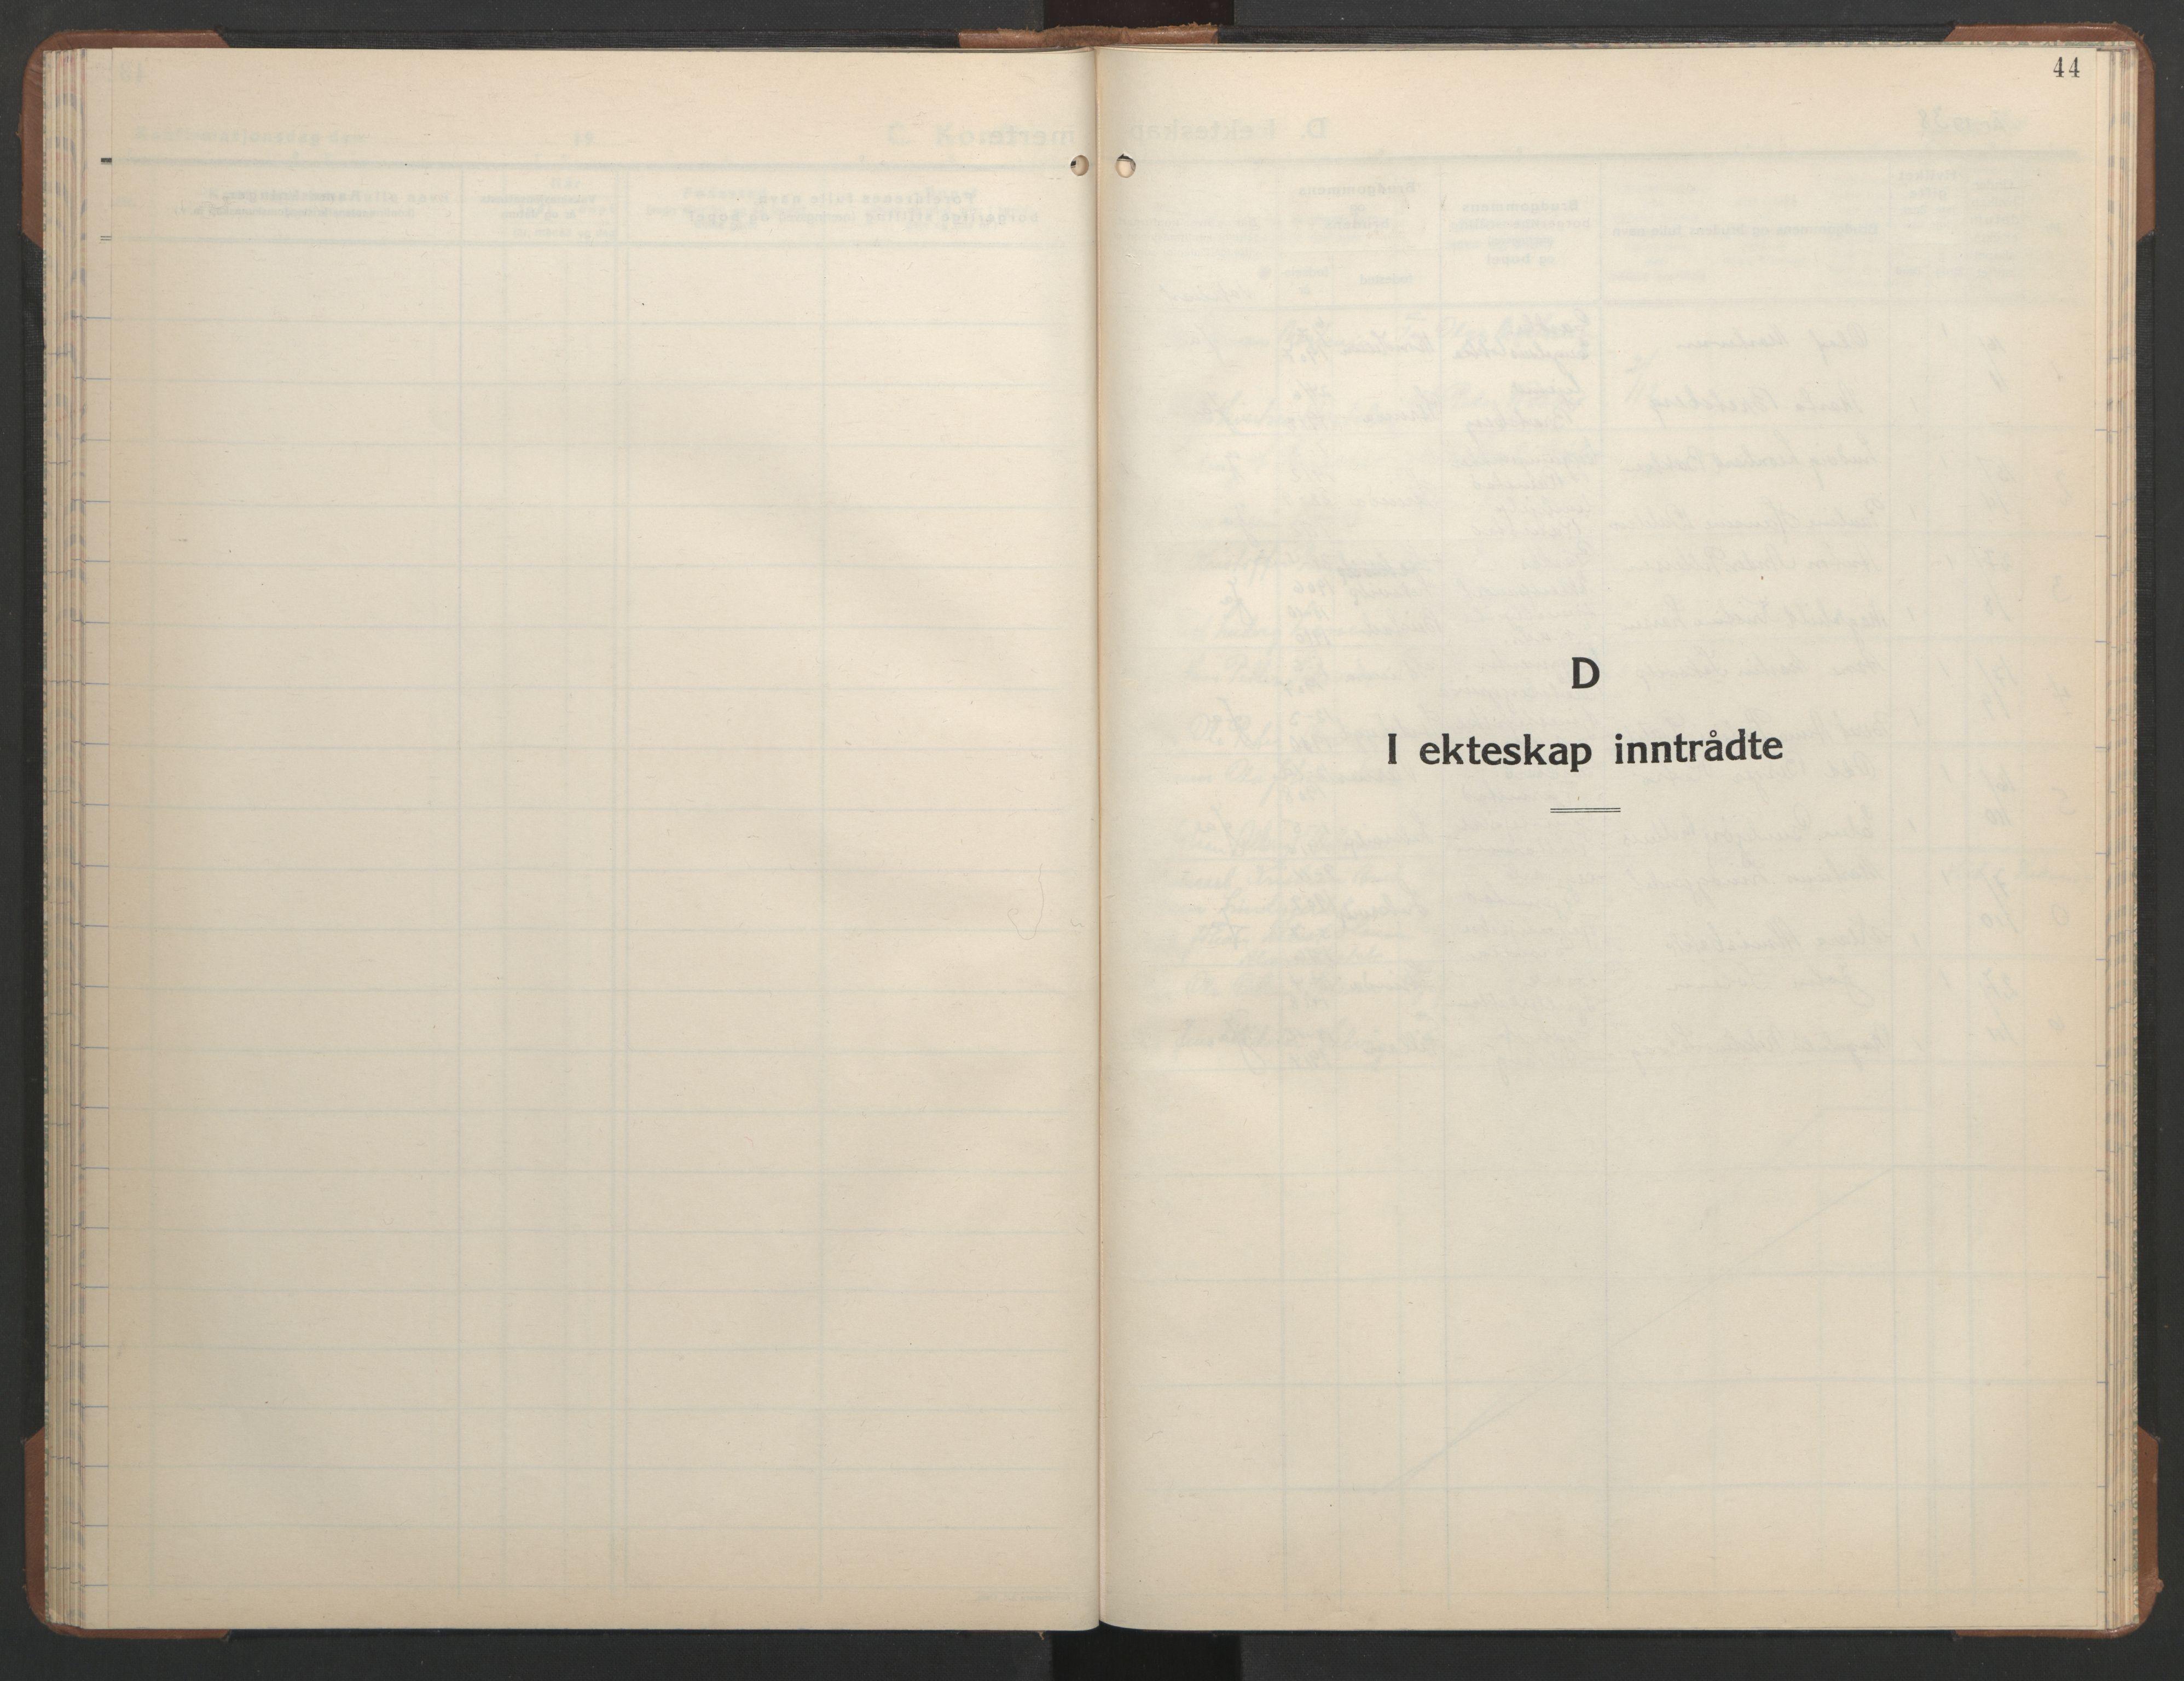 SAT, Ministerialprotokoller, klokkerbøker og fødselsregistre - Sør-Trøndelag, 608/L0343: Klokkerbok nr. 608C09, 1938-1952, s. 44